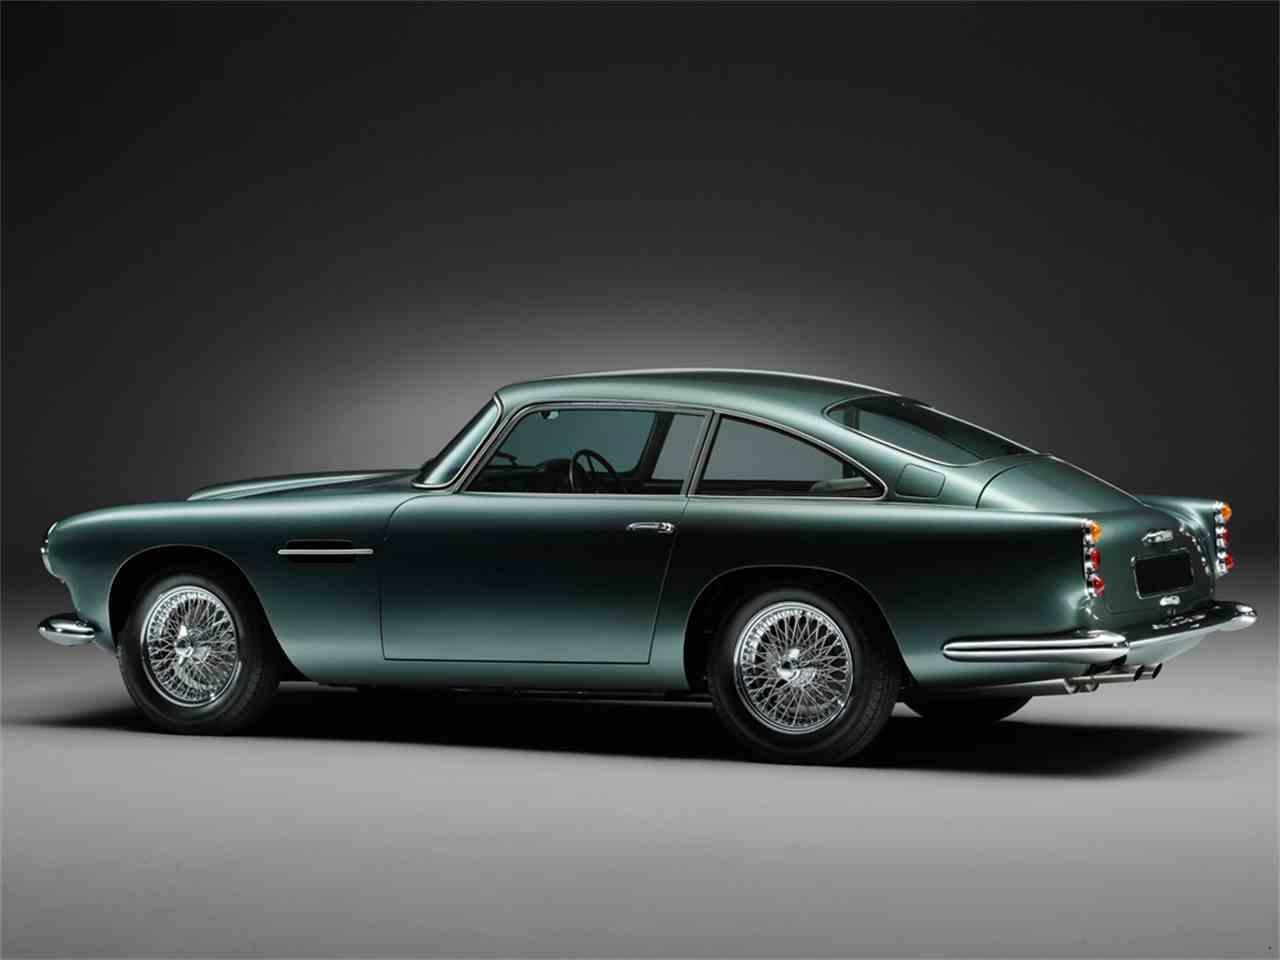 Aston Martin Db Zagato Cars For Sale